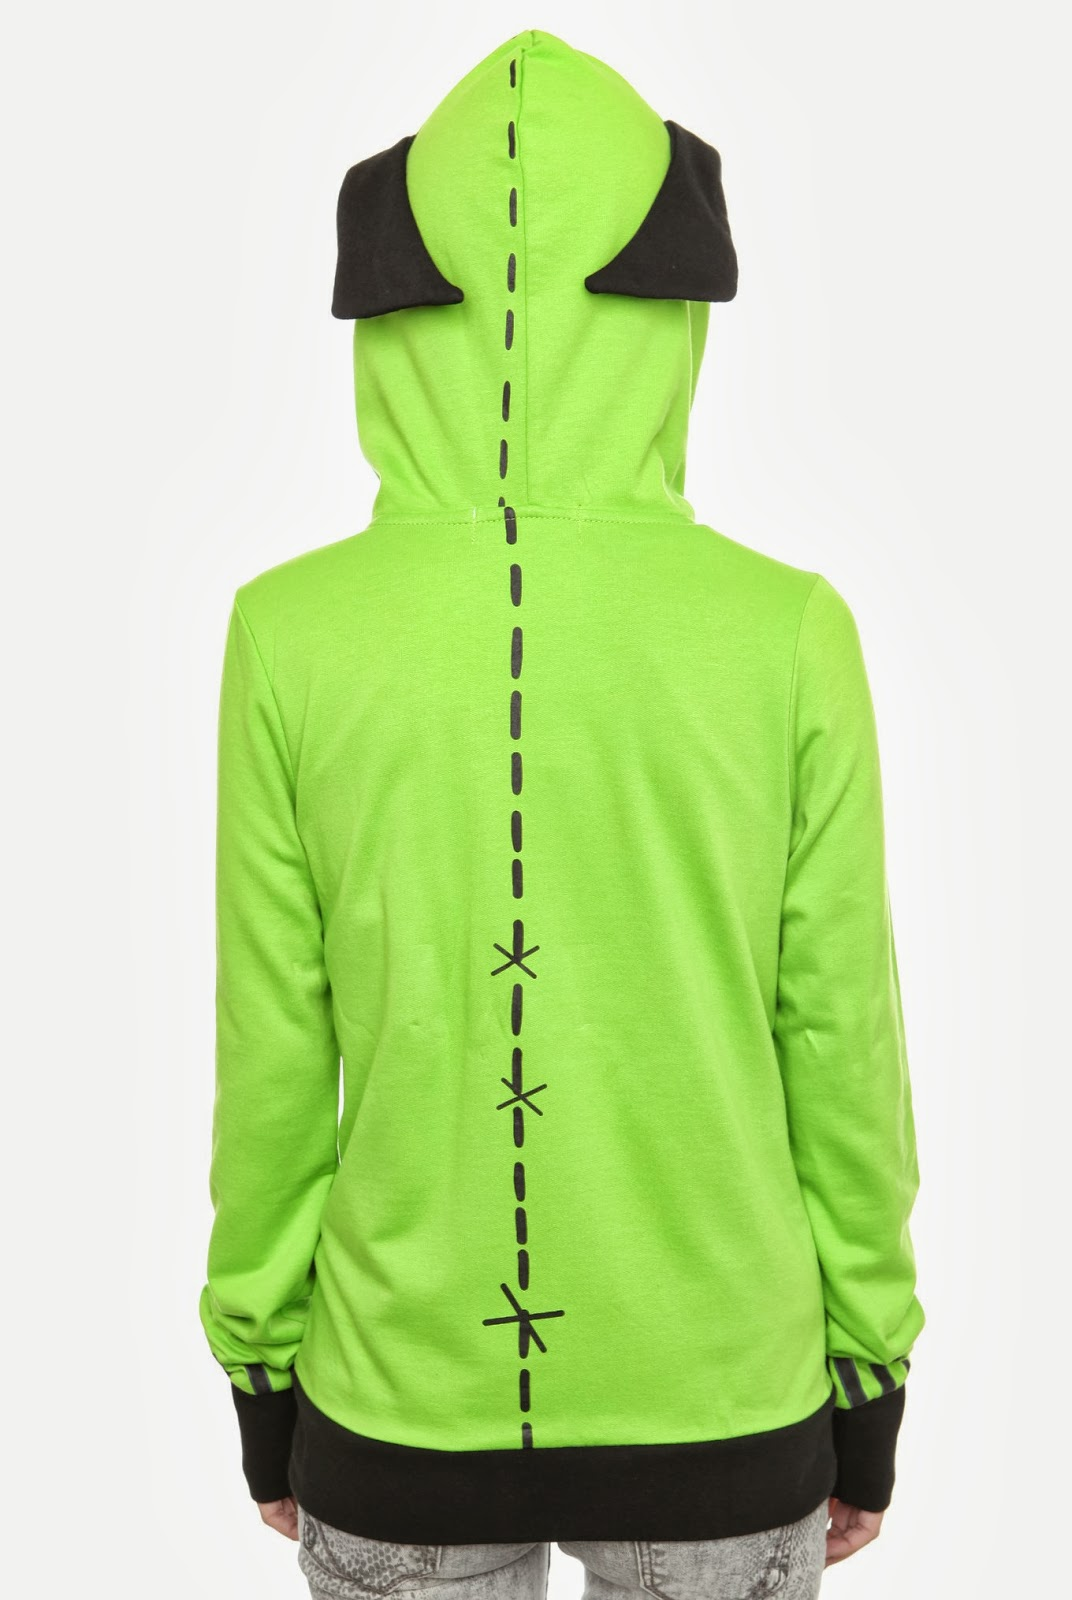 Invader zim hoodie